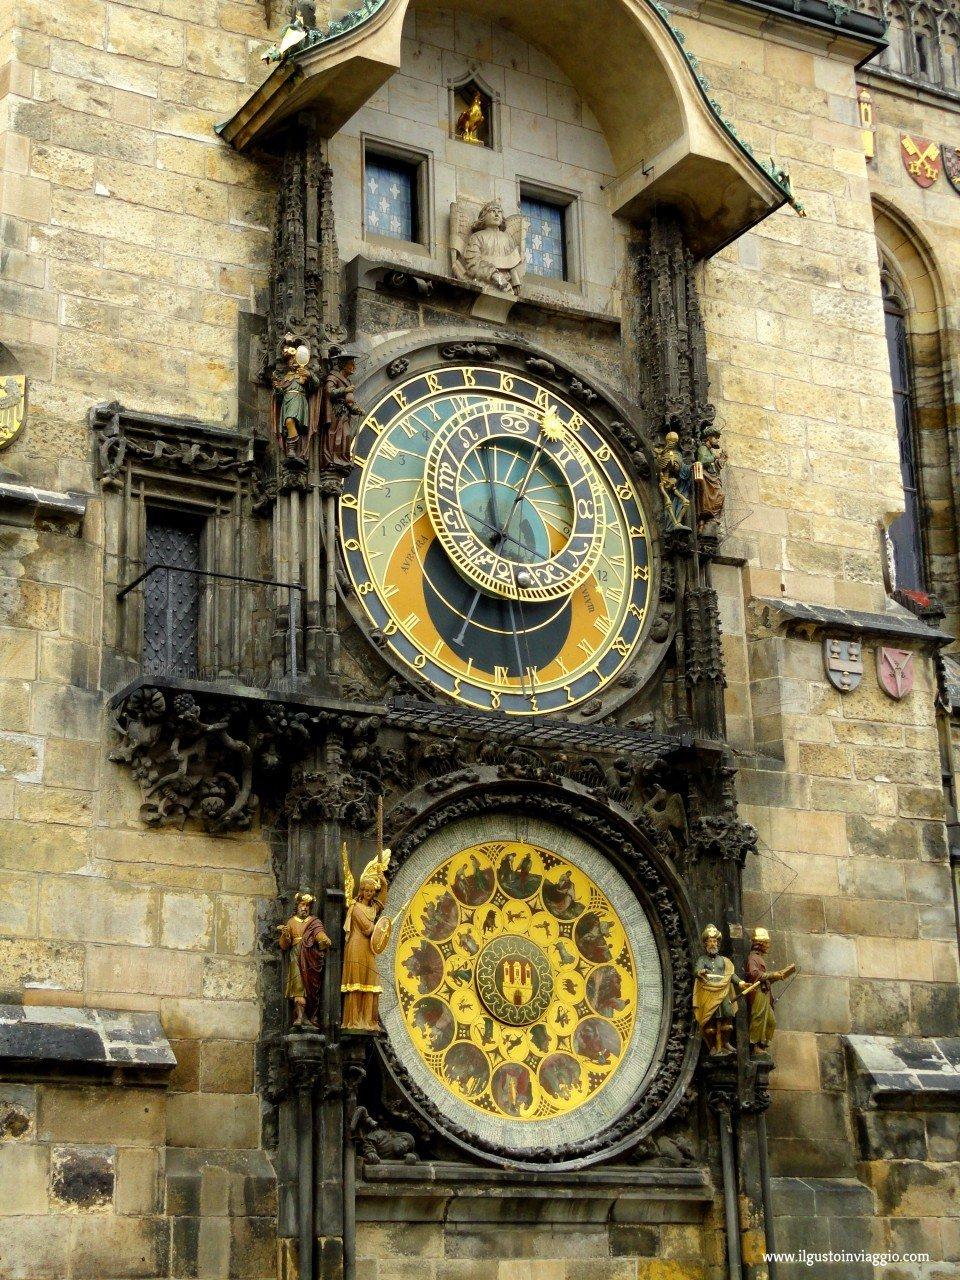 orologio di praga, praga clock, municipio di praga, cosa vedere a praga, piazza città vecchia praga